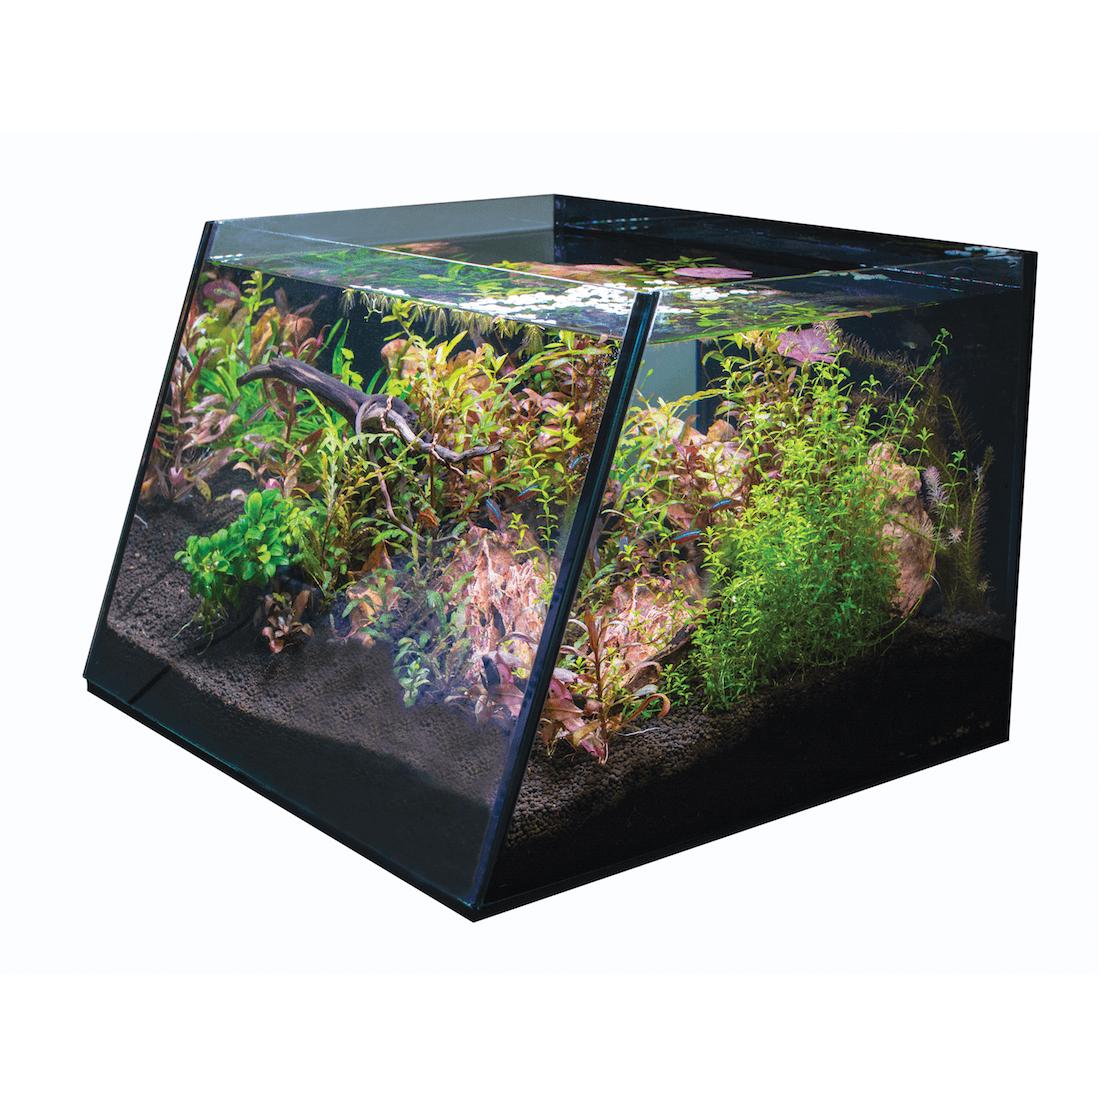 Full View Aquarium Basic Program Three 5 Gal R800202 By Lifegard Aquatics Aquatics Pro 5 Gallon Aquarium Aquatic Aquarium